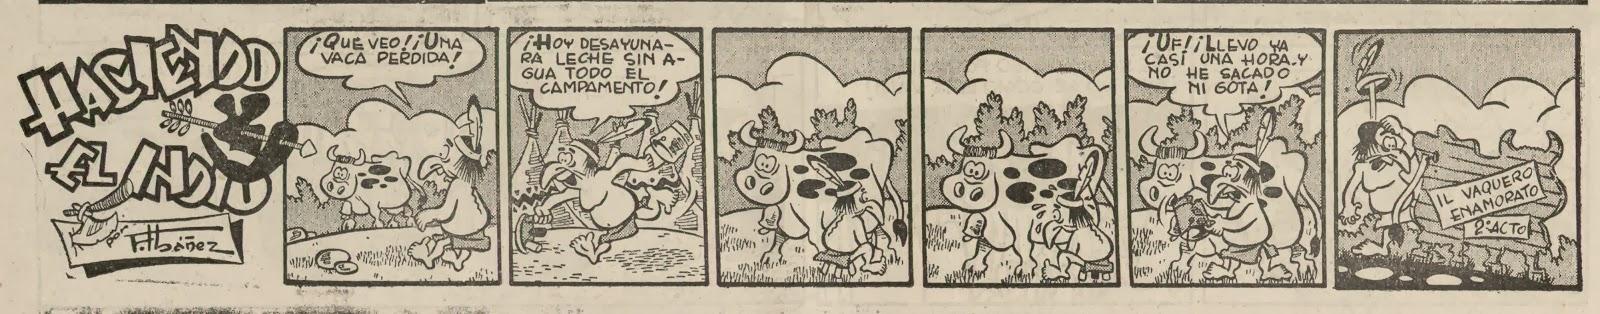 Haciendo el Indio, A Todo Color 18 de marzo de 1954